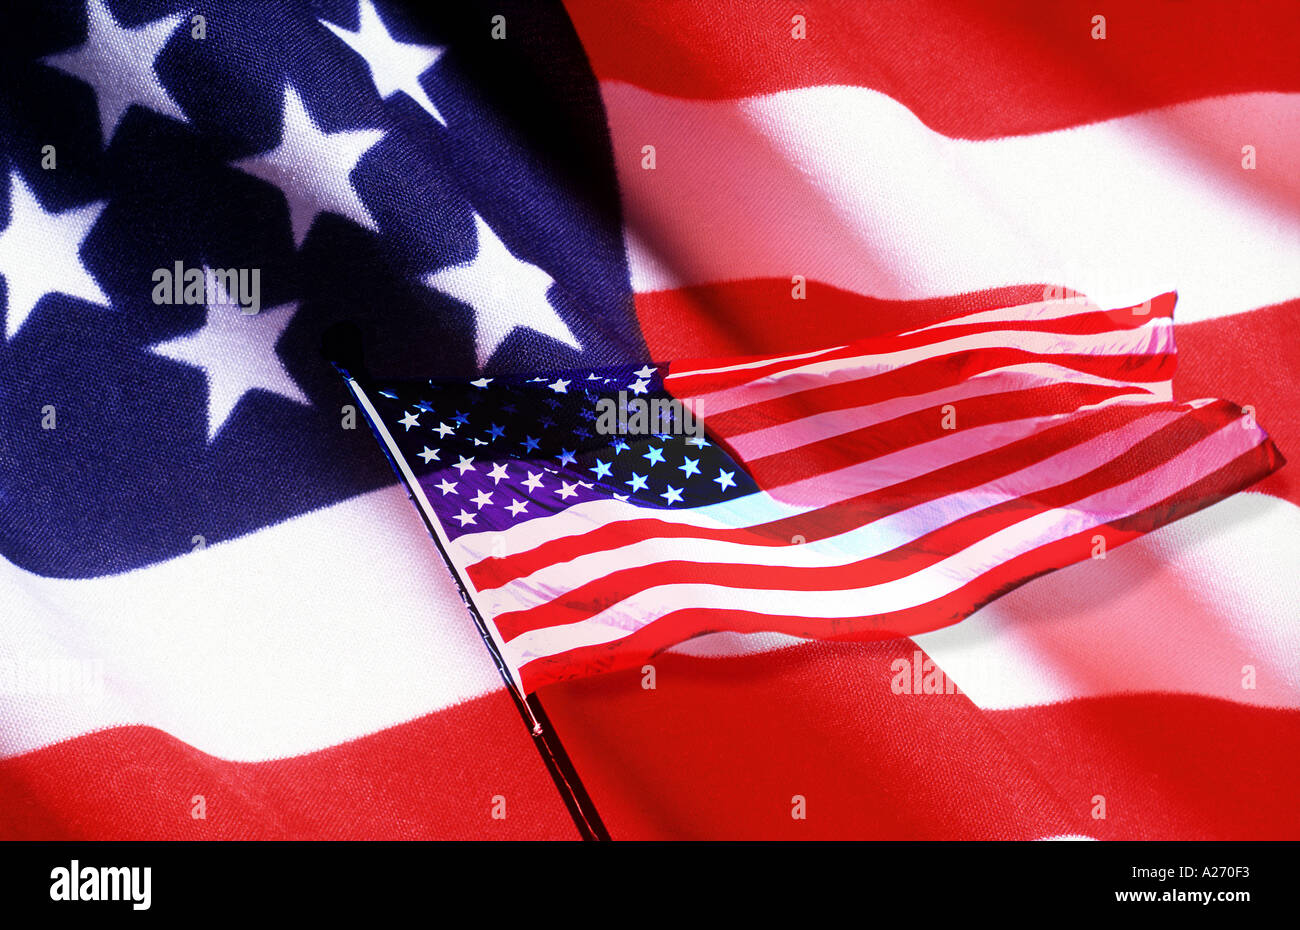 Stelle Stripes USA il concetto di bandiera Immagini Stock